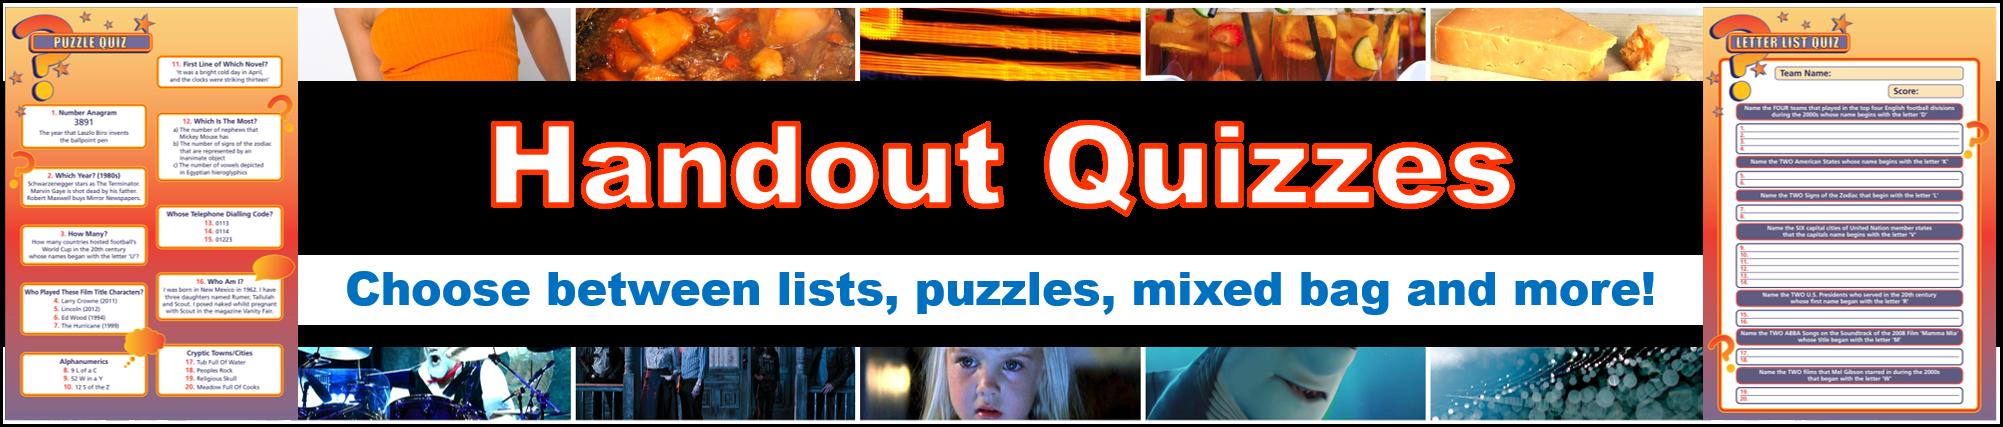 Handout Quizzes